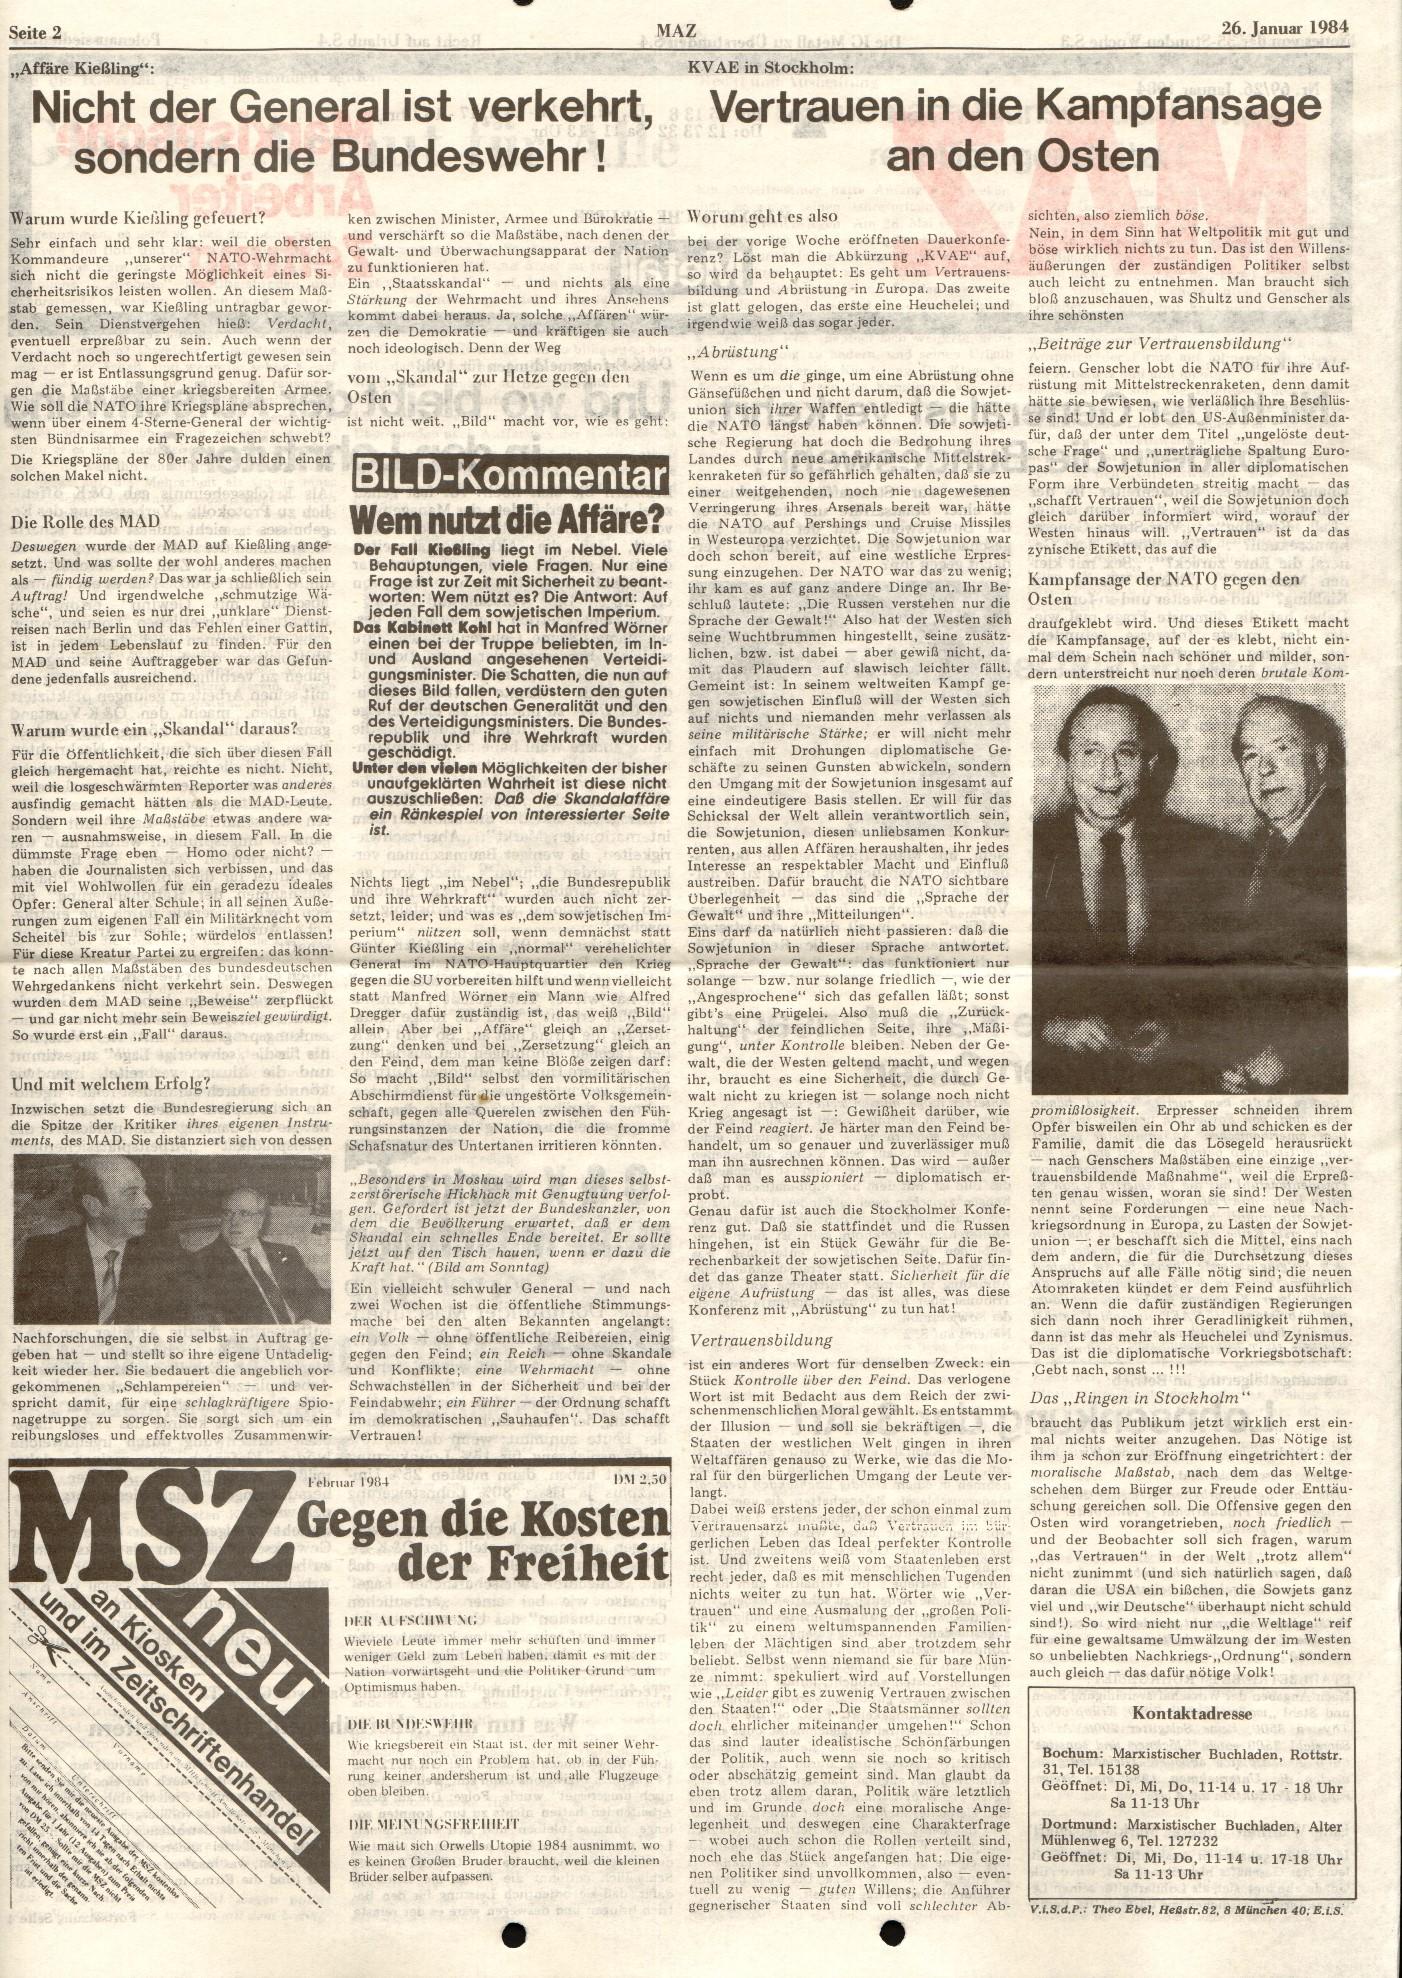 Ruhrgebiet_MG_Marxistische_Arbeiterzeitung_Metall_19840126_02